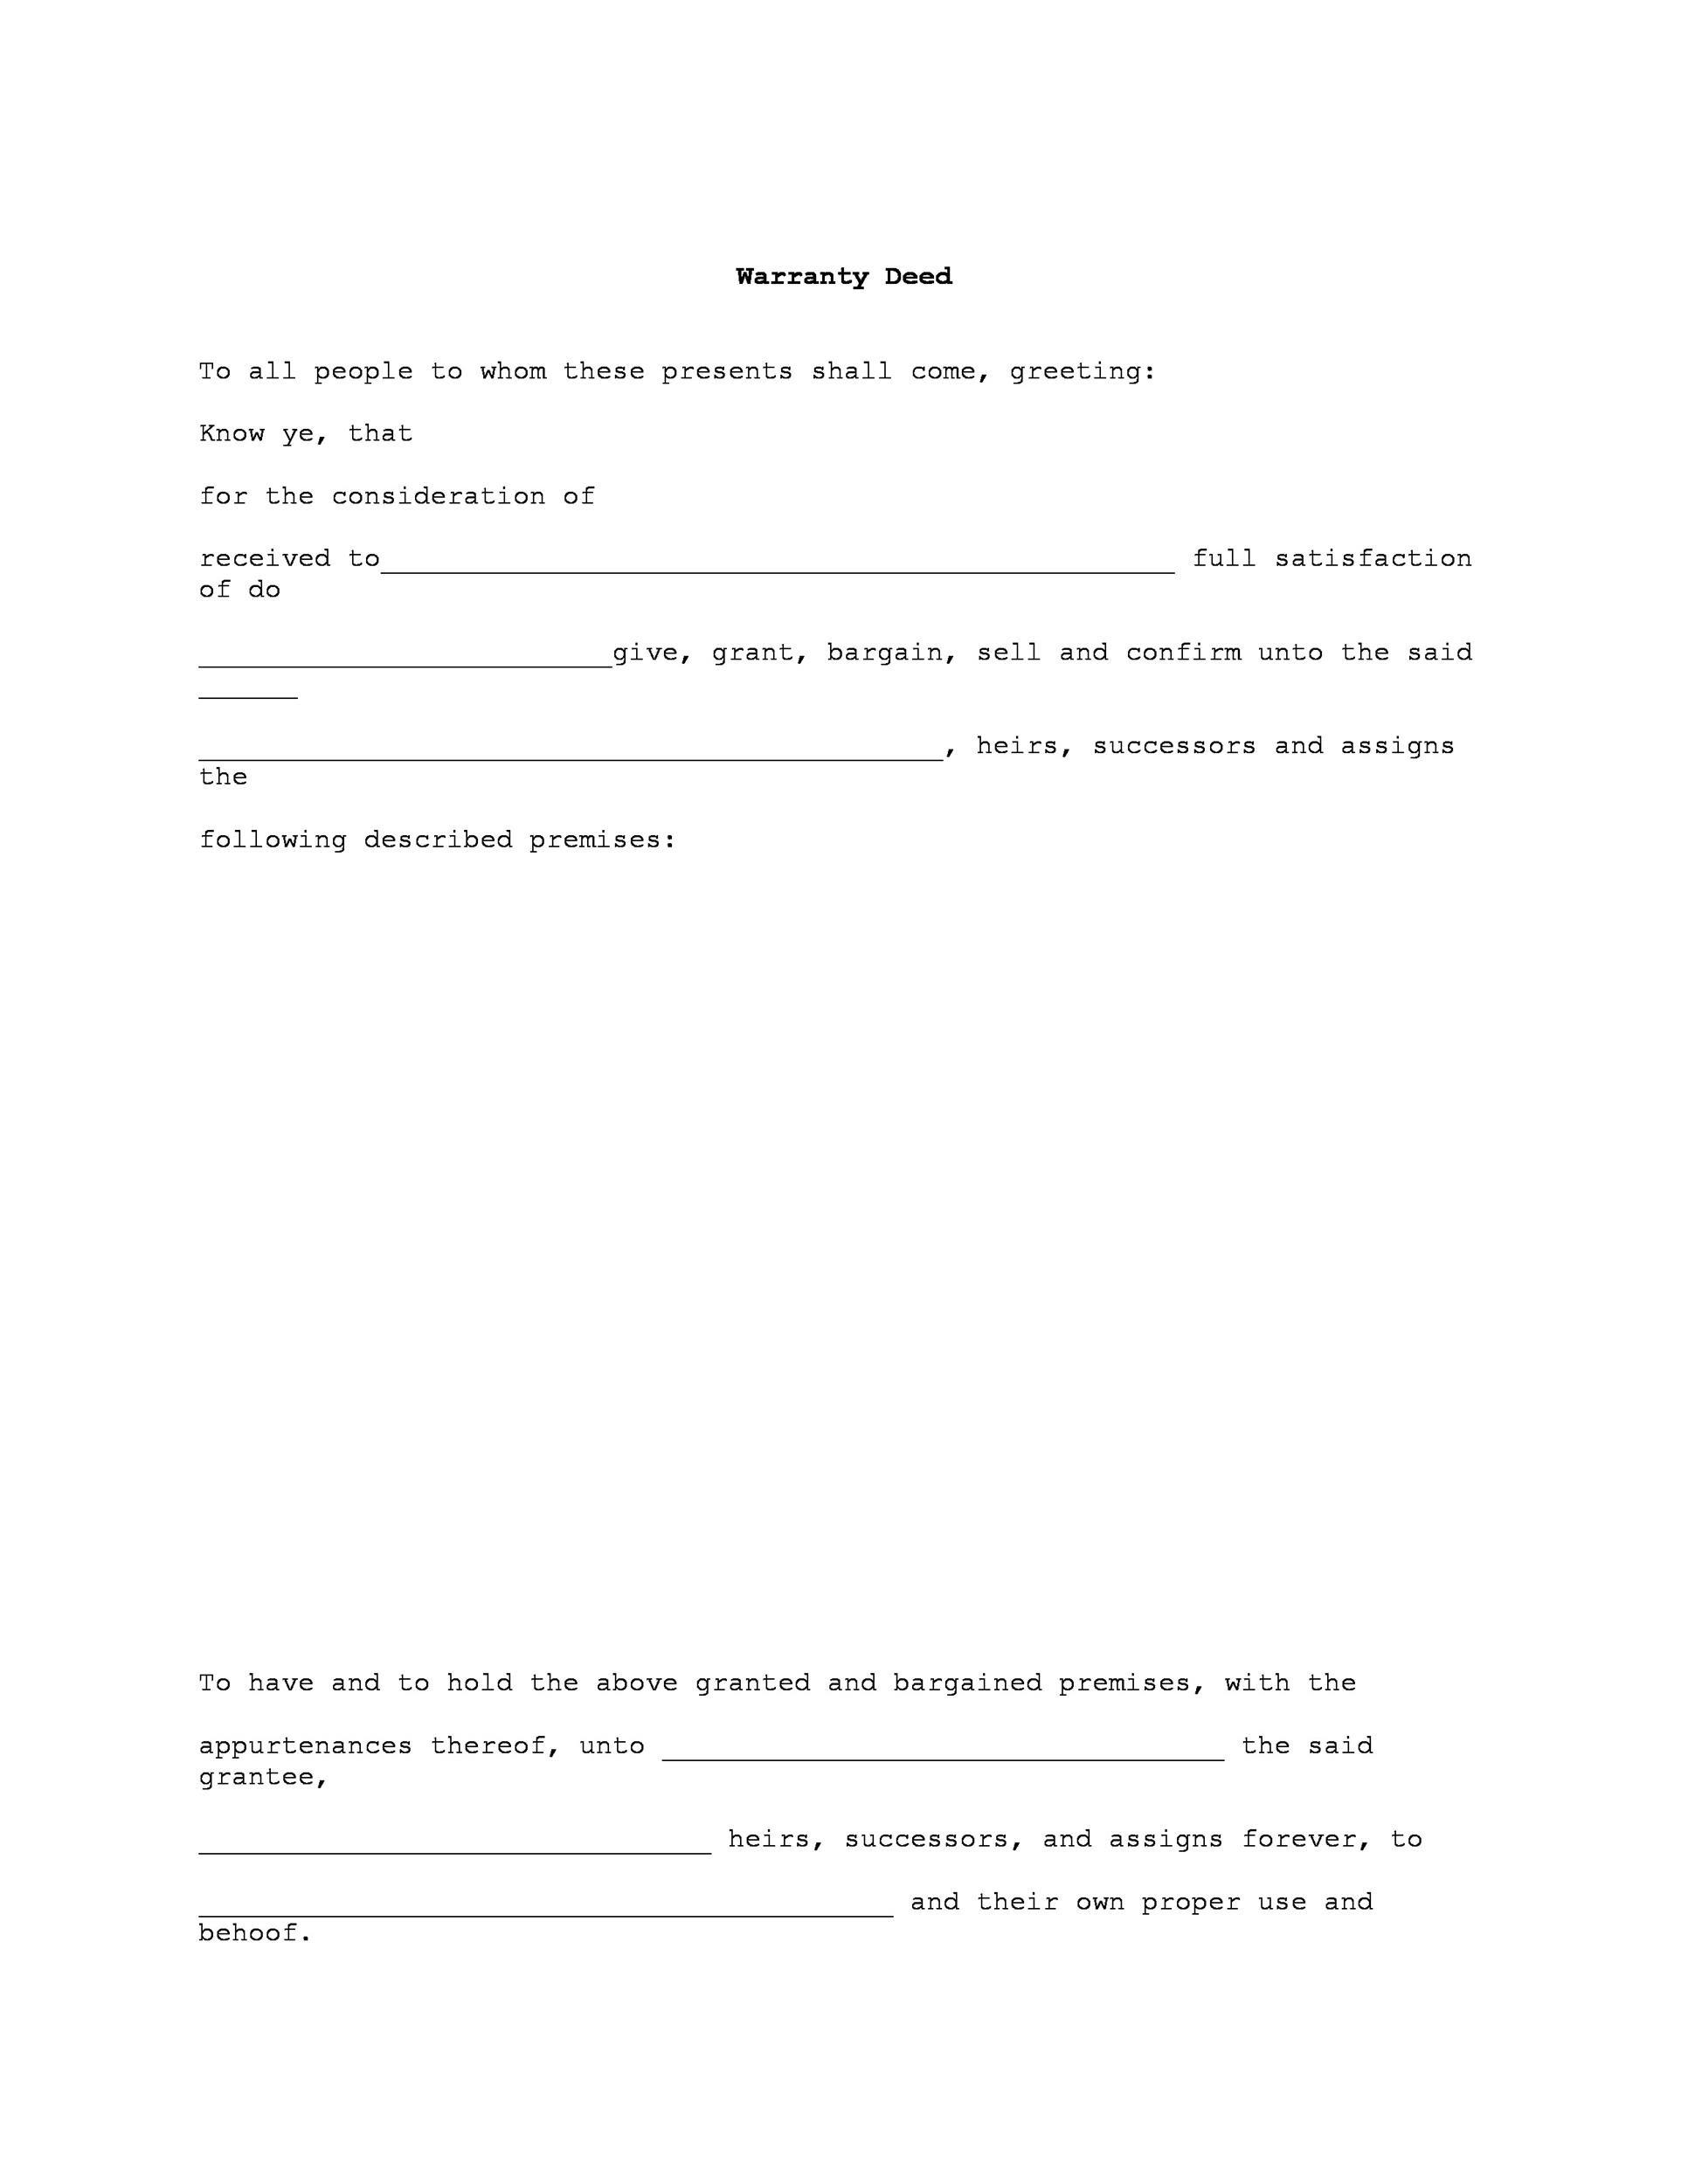 warranty deed templates